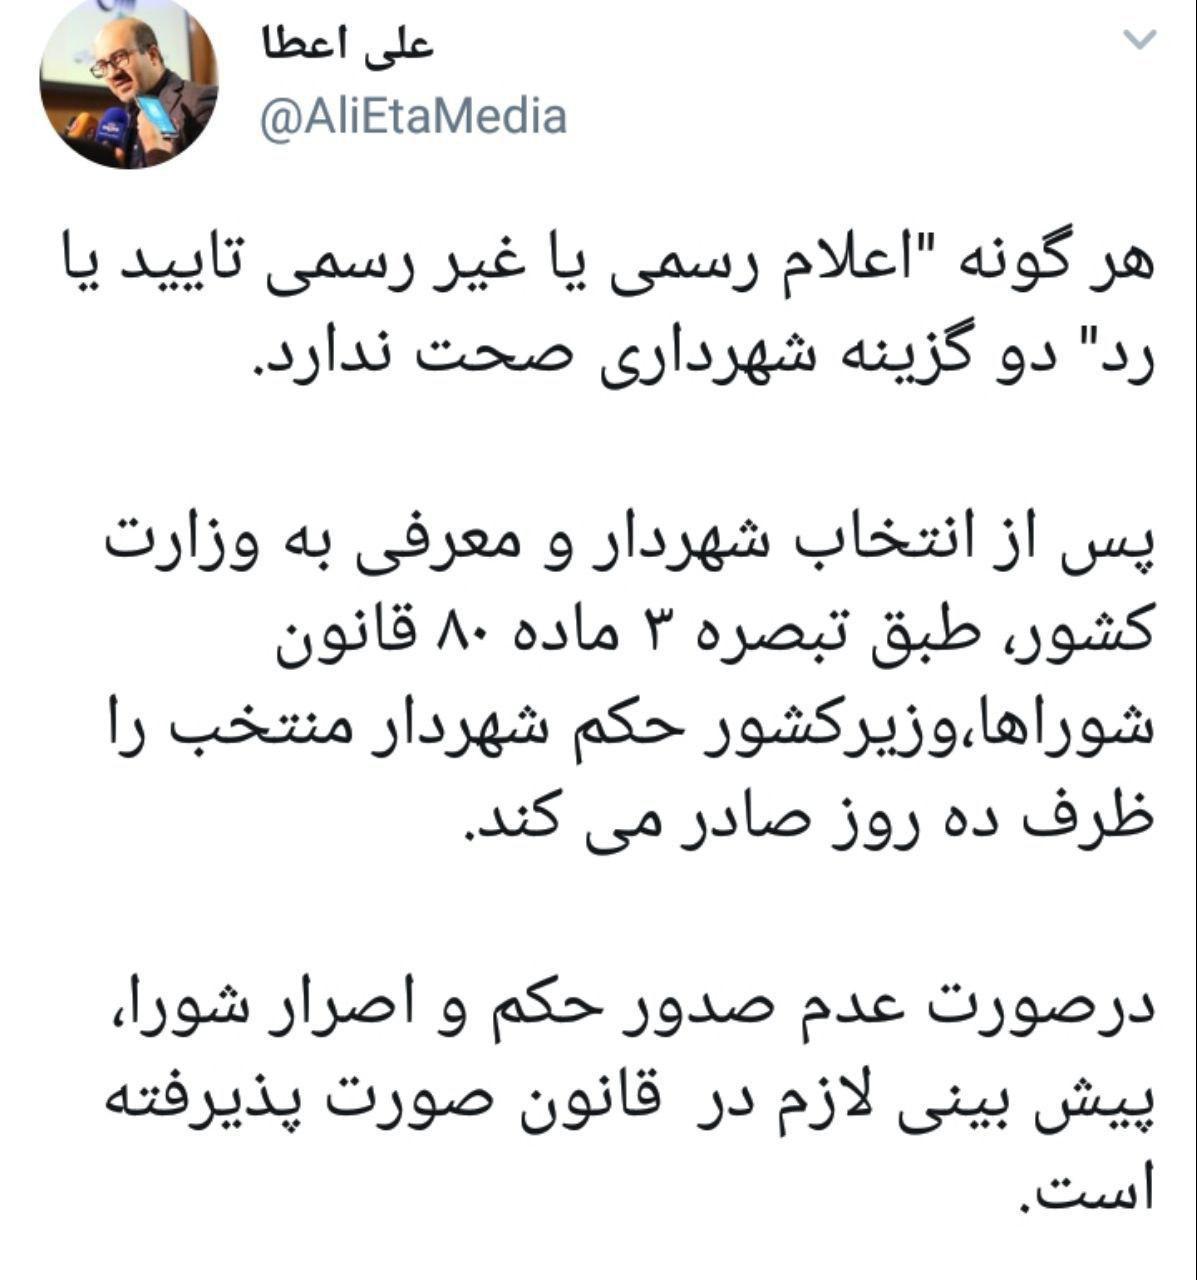 واکنش سخنگوی شورا به خبر رد دو گزینه شهرداری تهران: تایید یا رد گزینه های شهرداری صحت ندارد